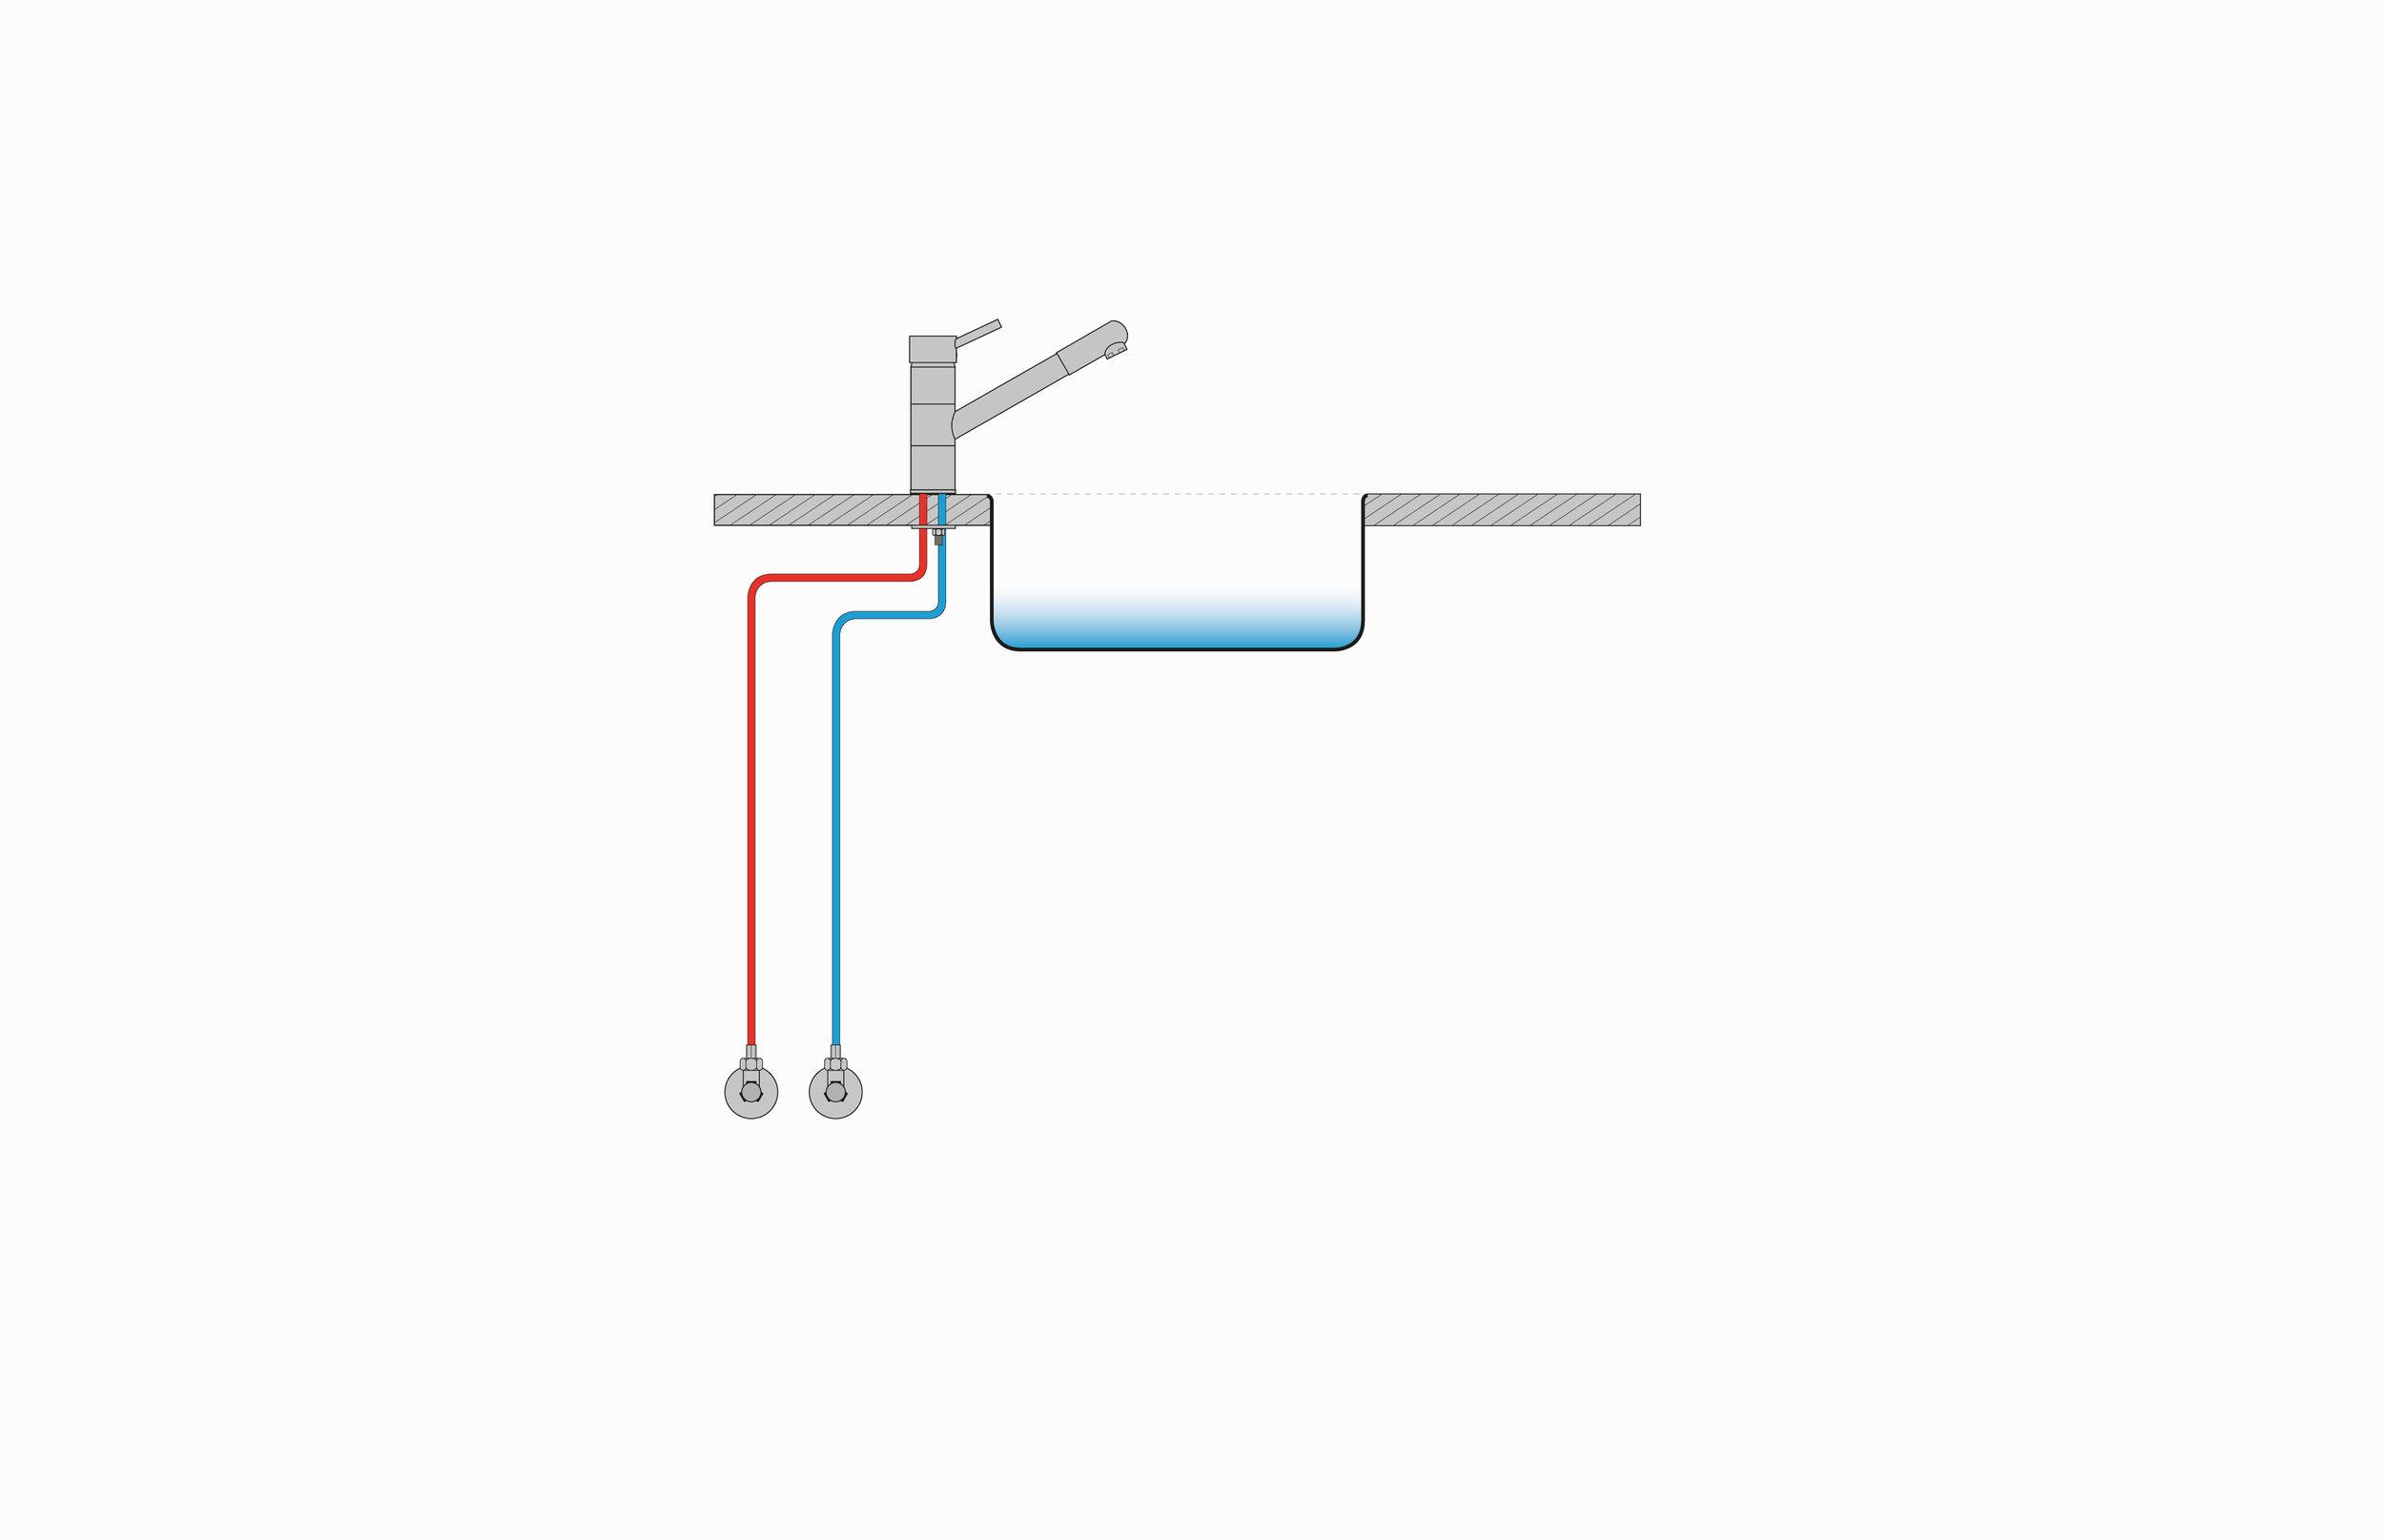 Standardinstallation ohne Niederdruckboiler.